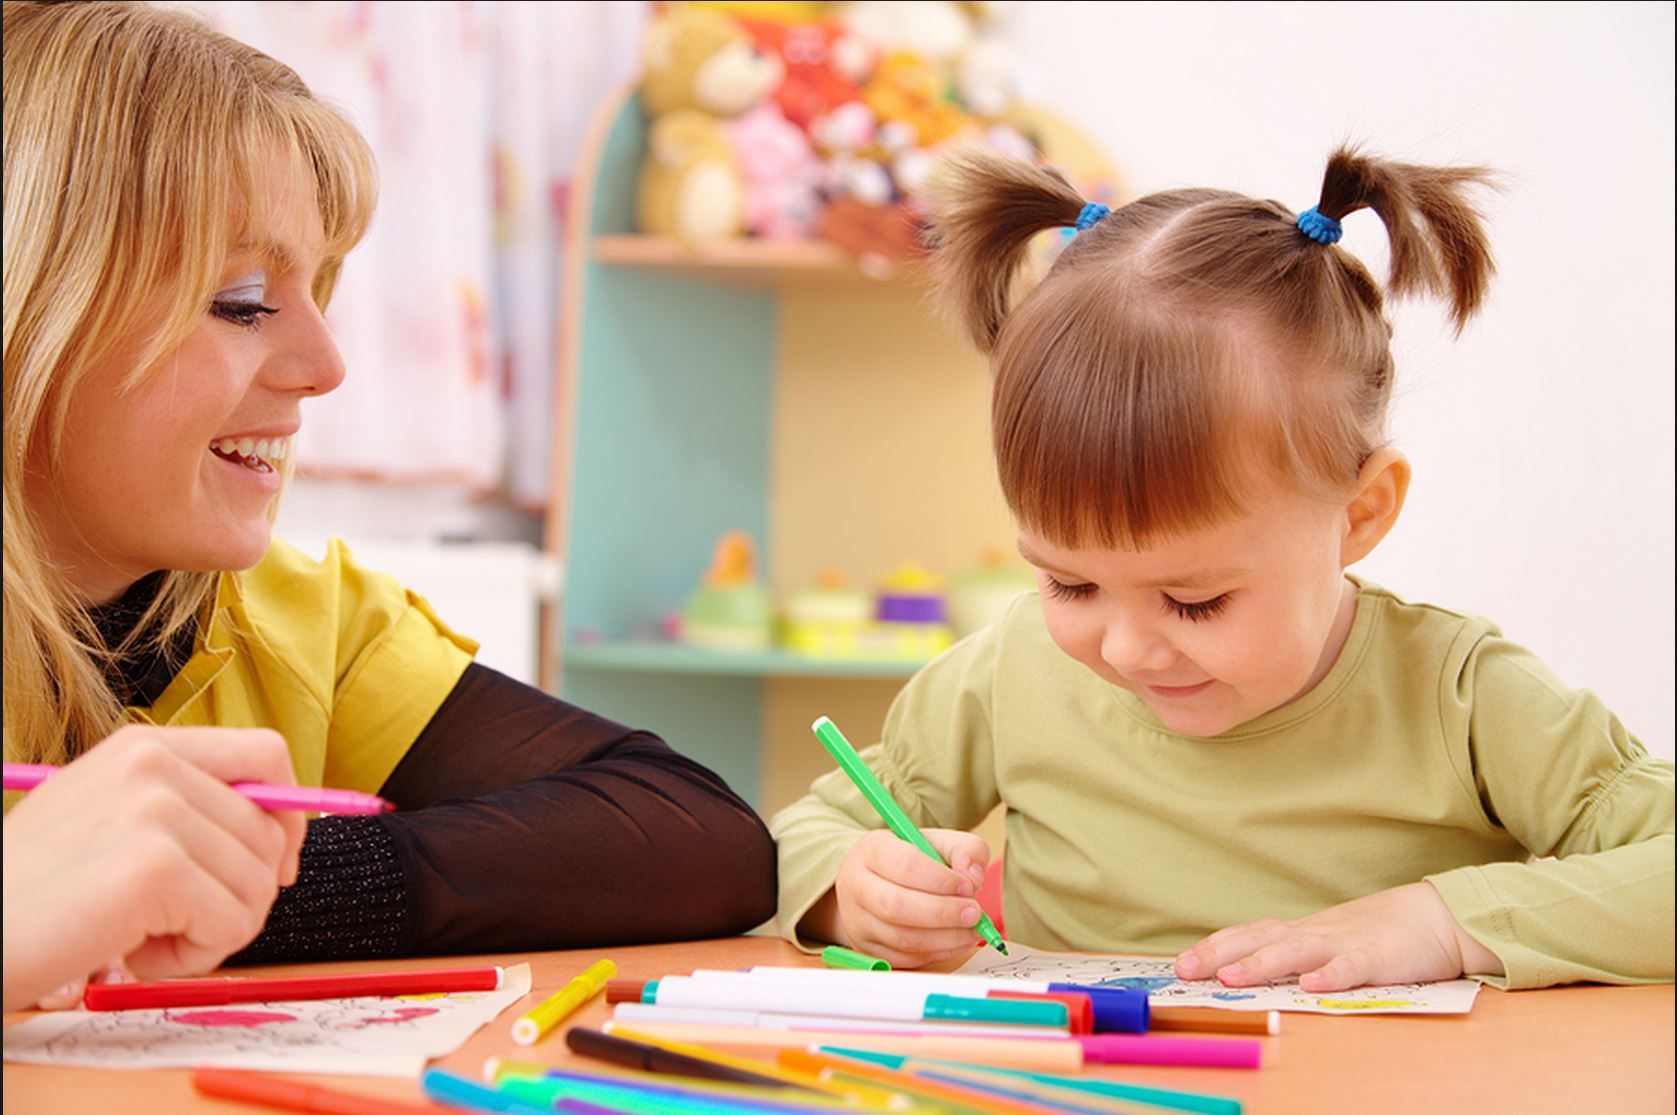 Няня из Испании или как просто обучить ребенка испанскому языку